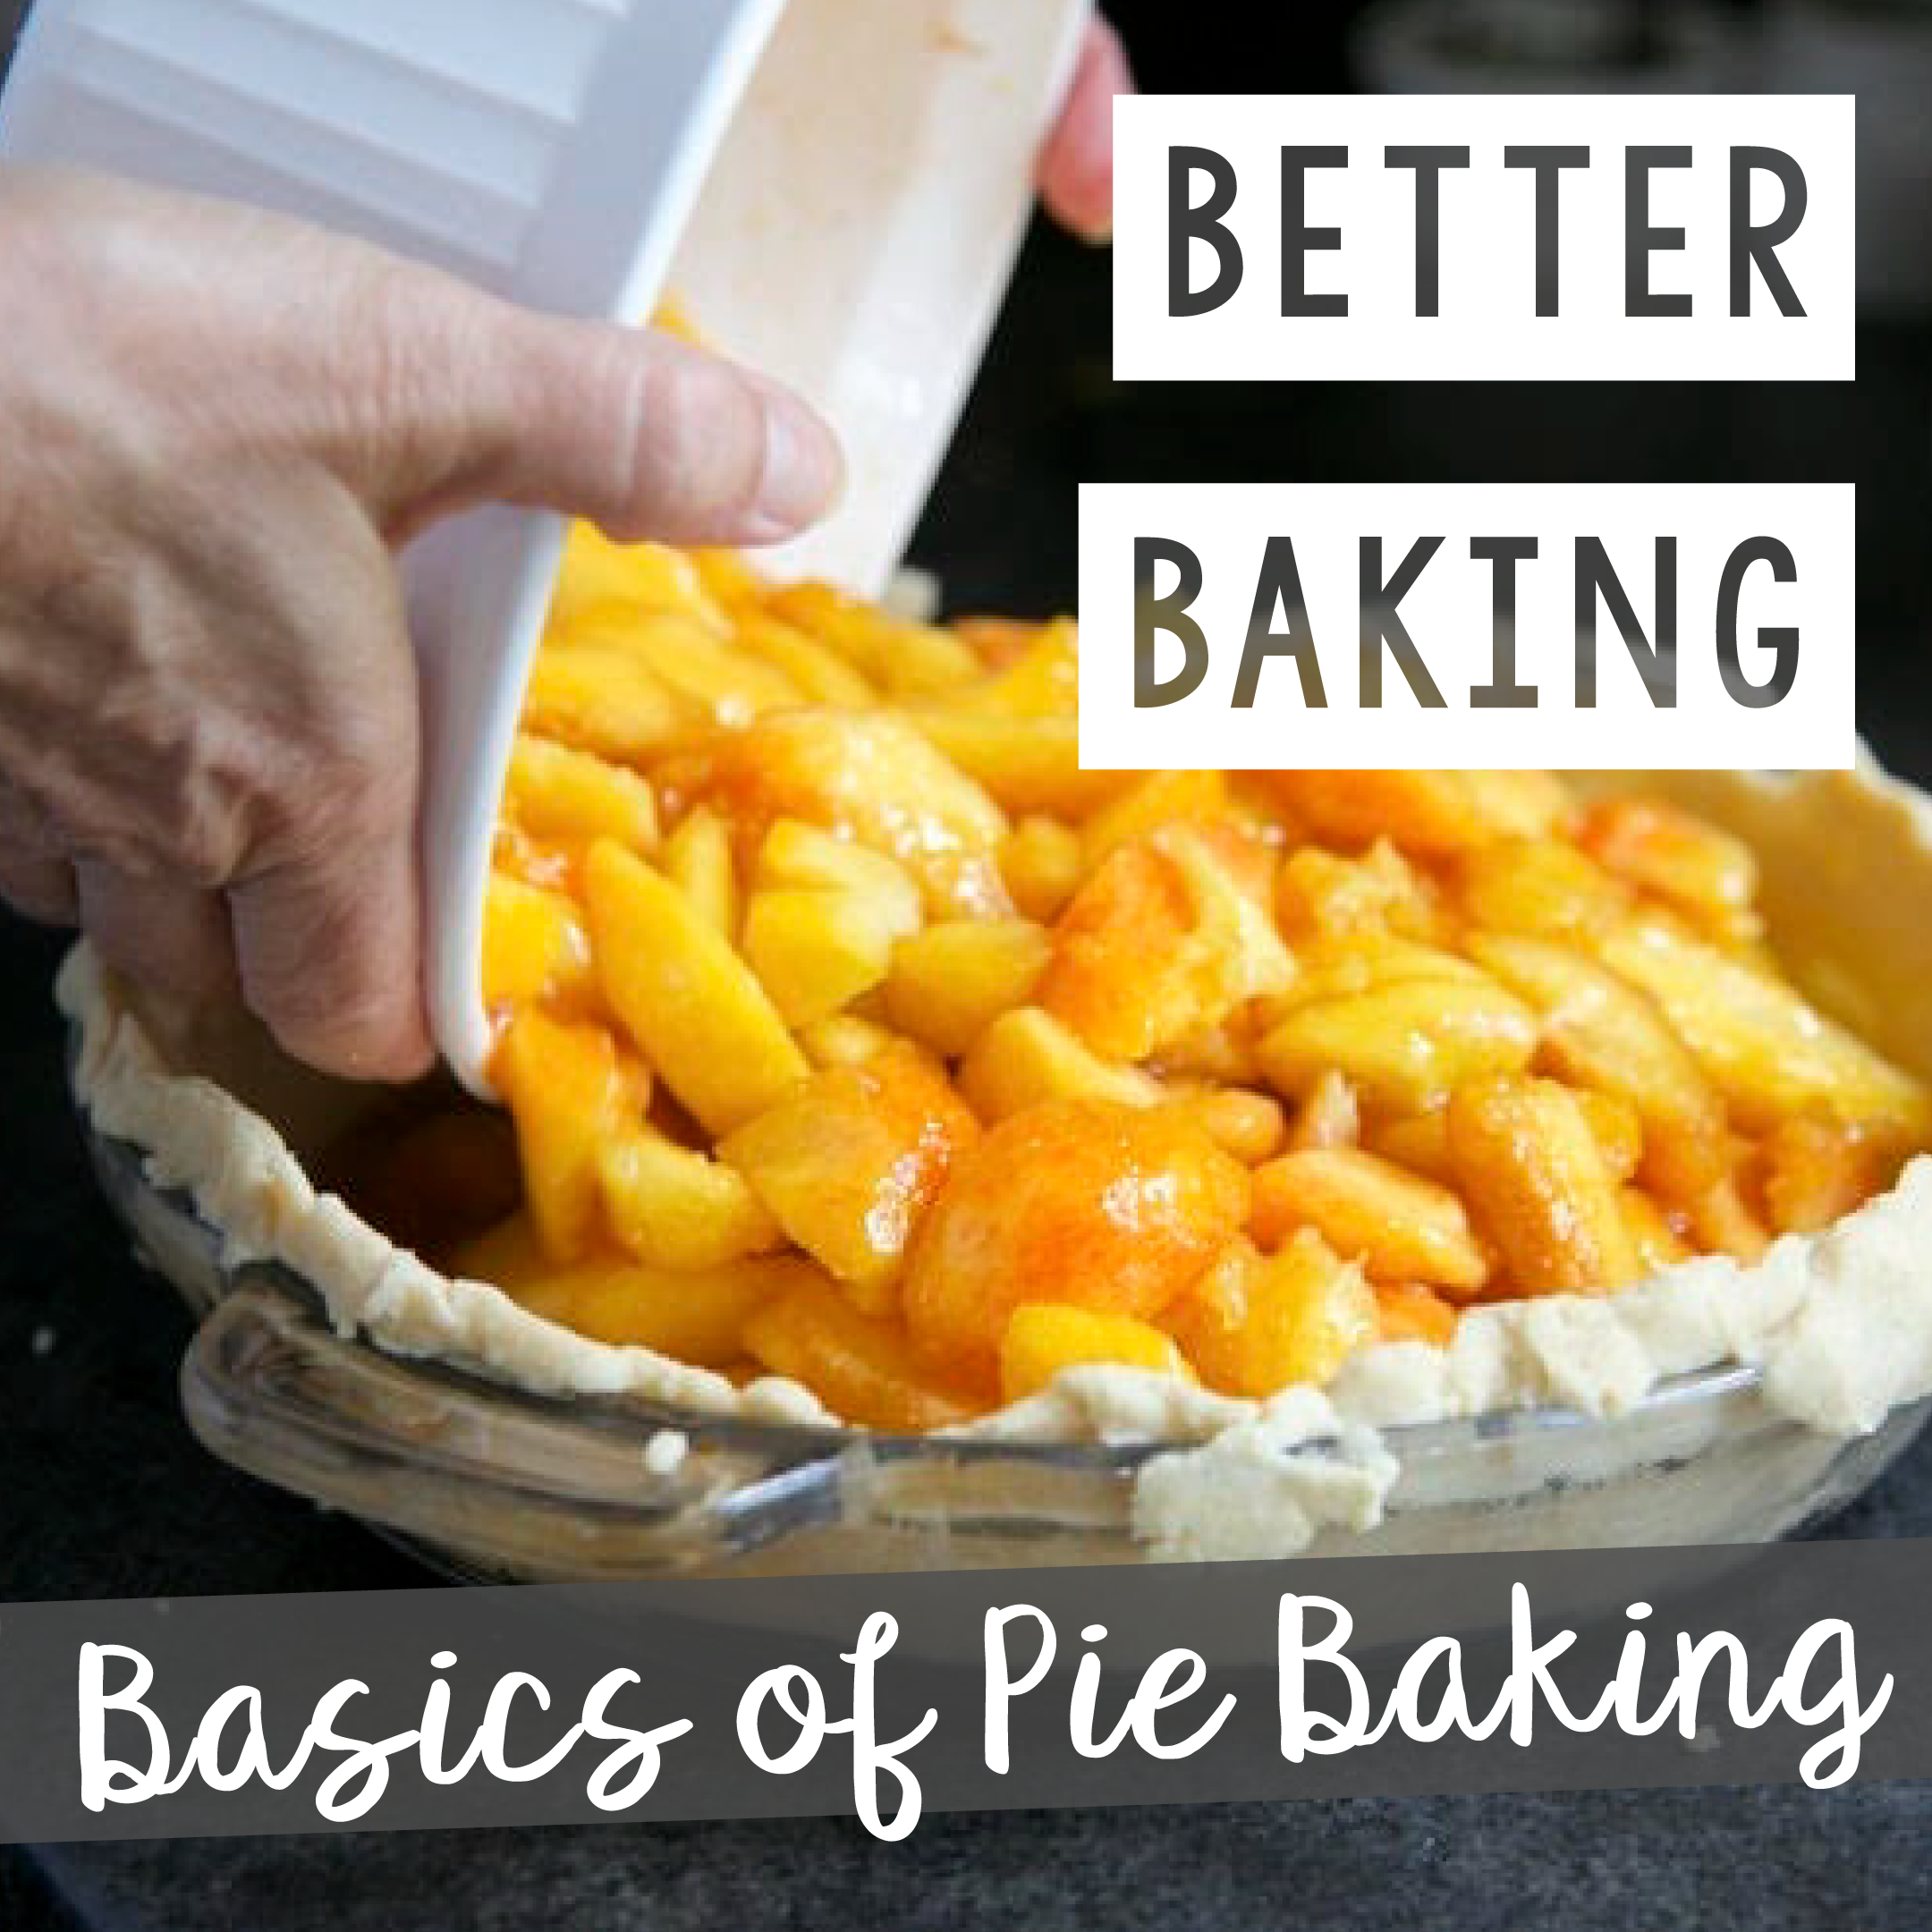 basics-of-pie-baking1.png